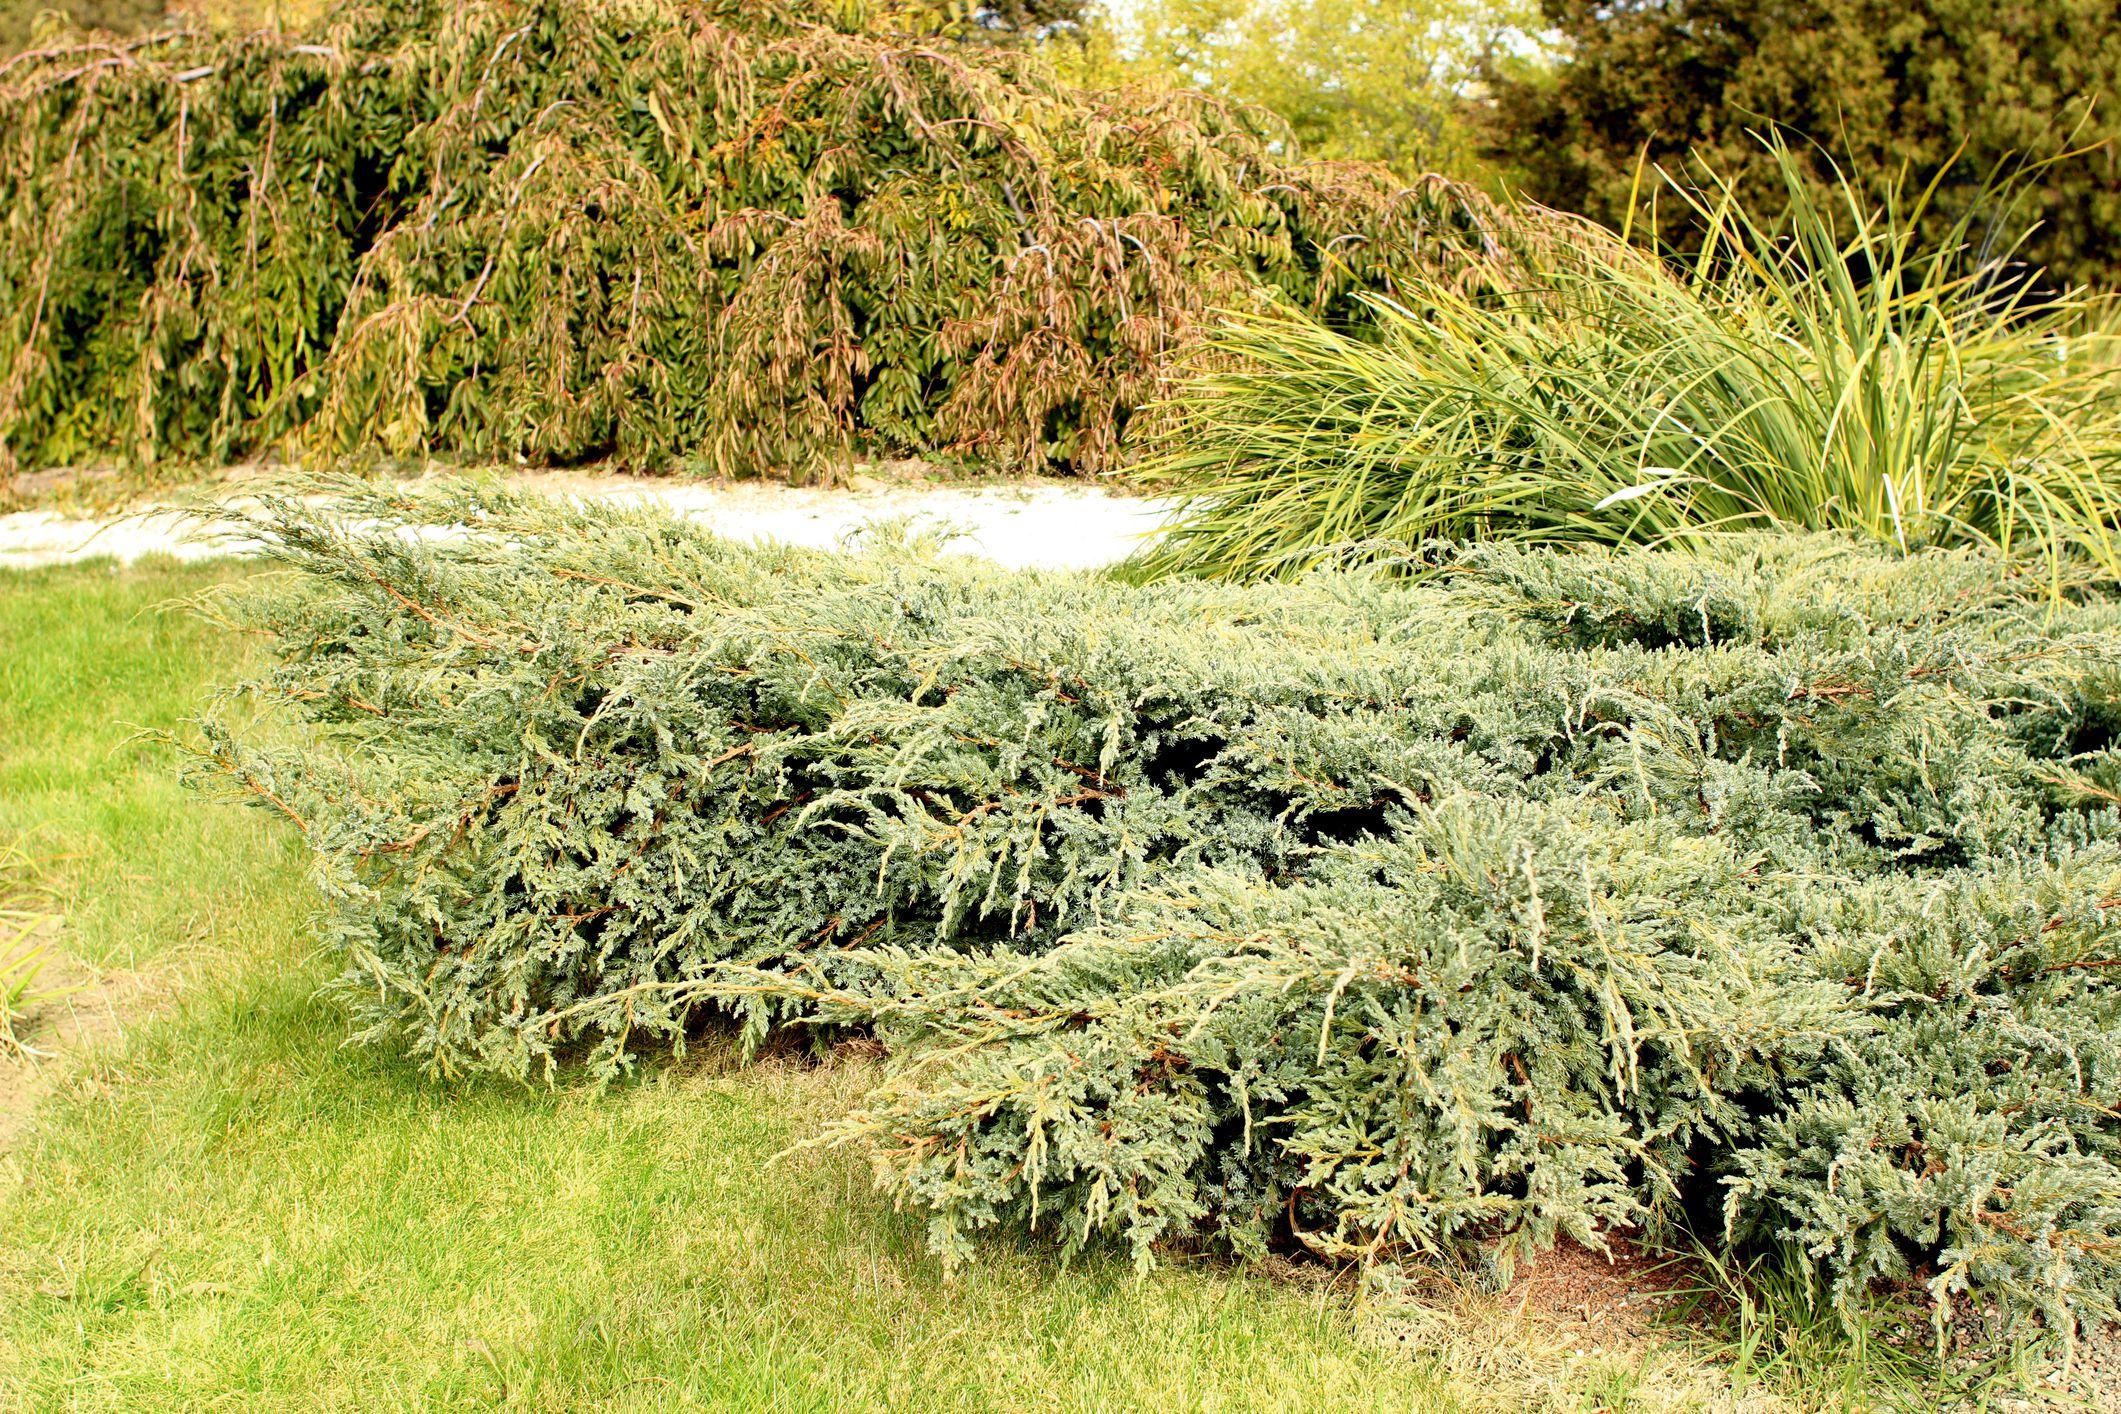 arbustos de enebro en un jardín